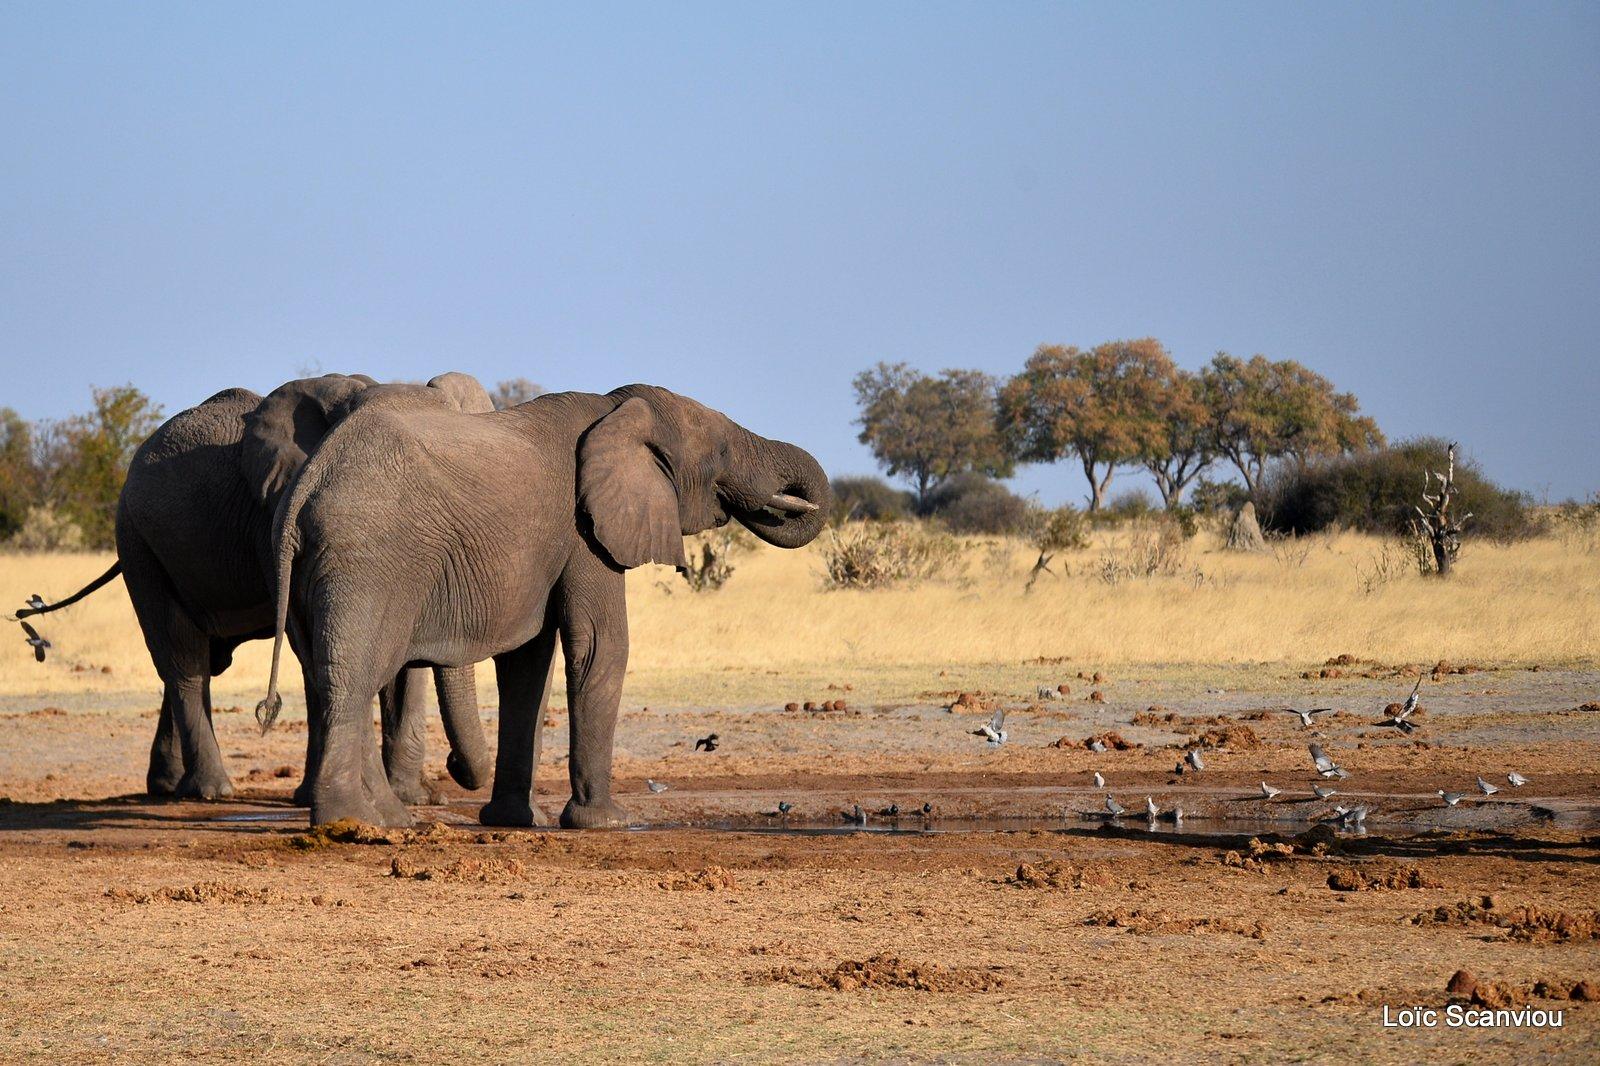 Eléphant d'Afrique/African Elephant (6)